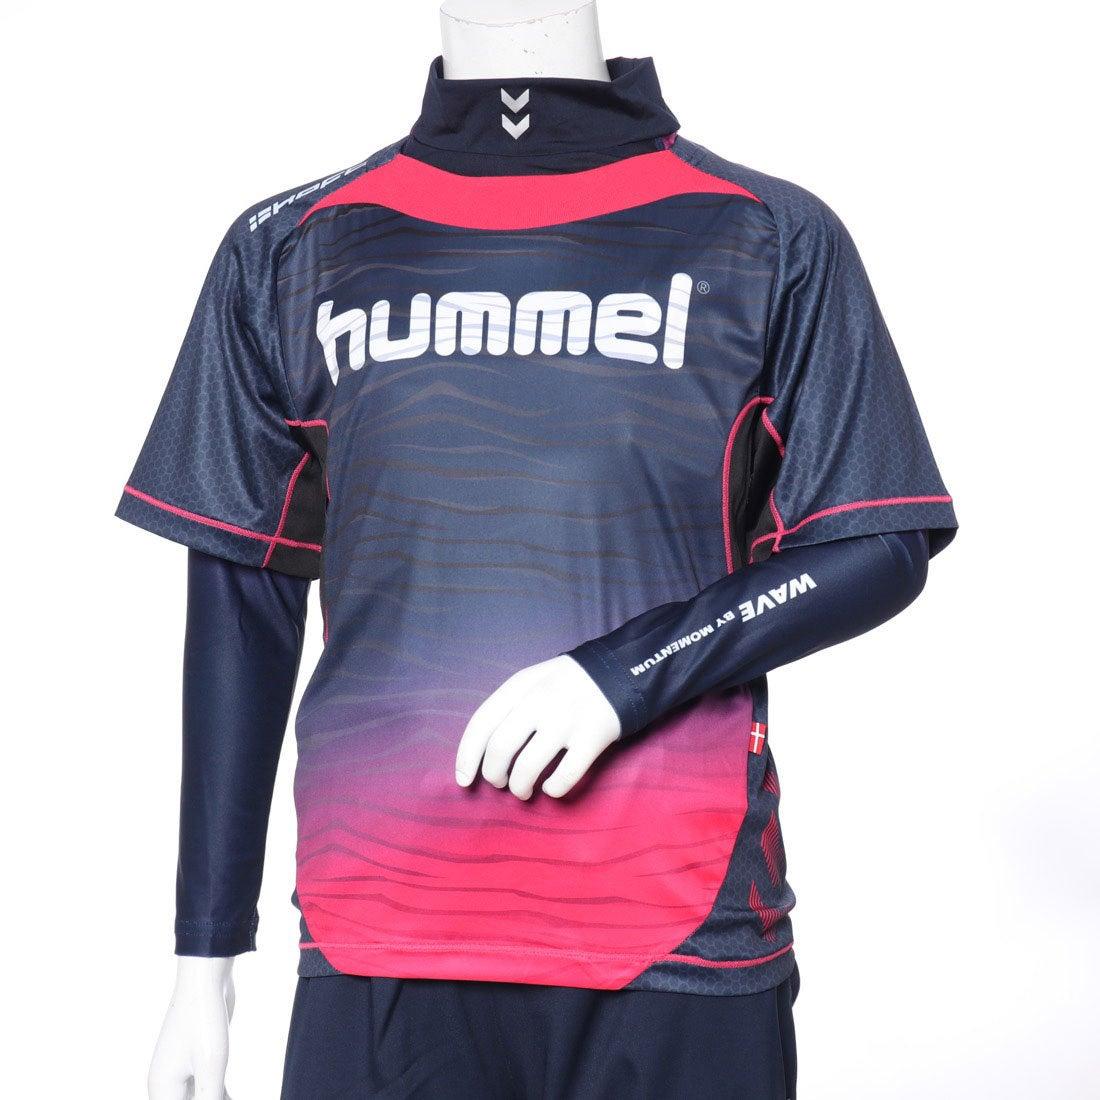 ロコンド 靴とファッションの通販サイトヒュンメル hummel ジュニア サッカー/フットサル レイヤードシャツ ジュニアプラシャツ・インナーセット HJP7109